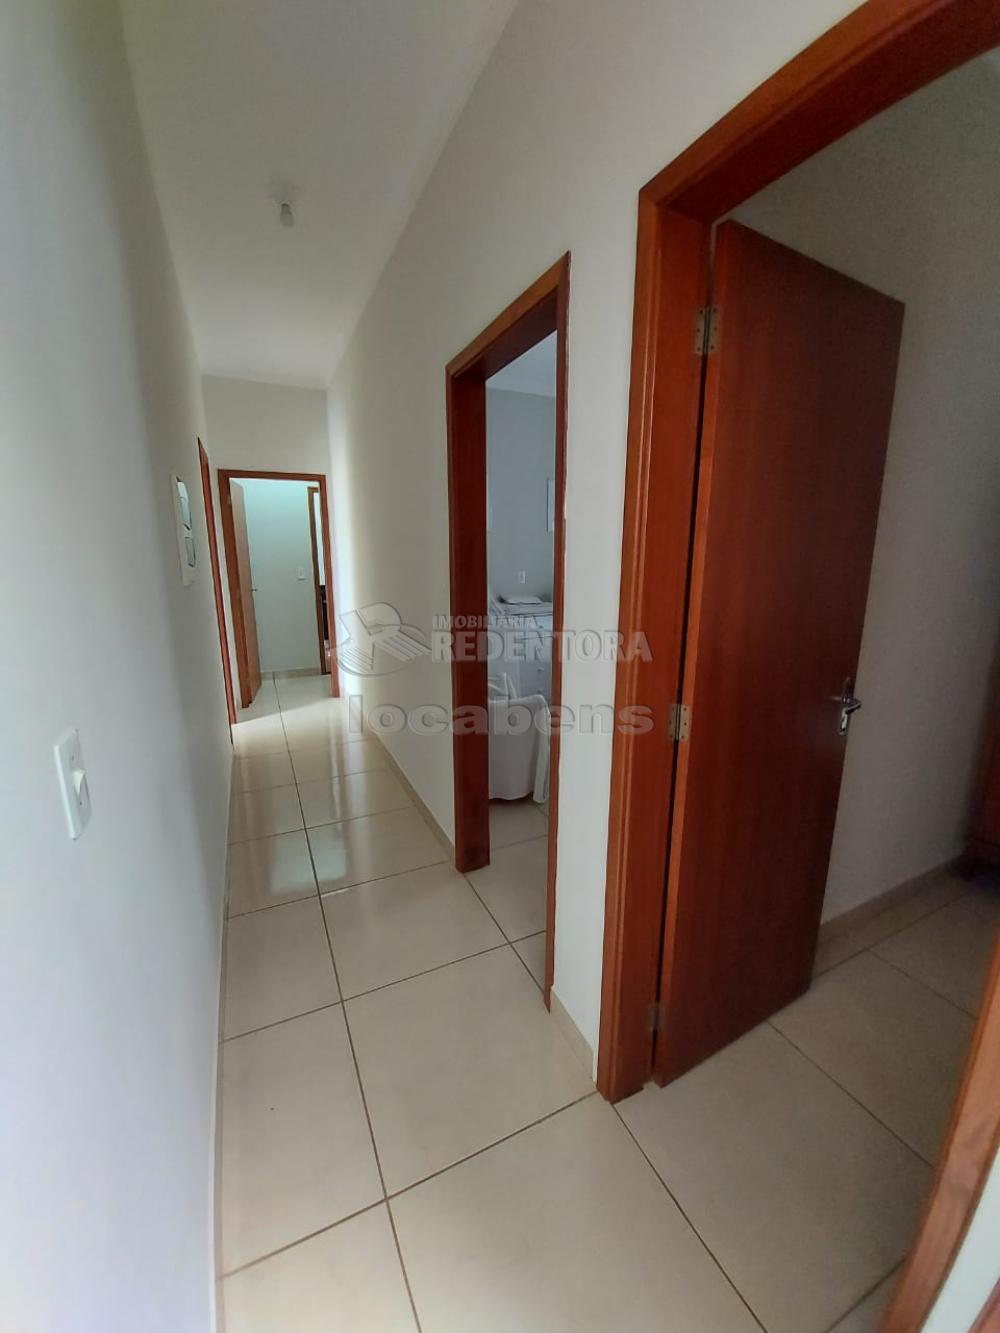 Comprar Casa / Padrão em Cedral R$ 400.000,00 - Foto 11